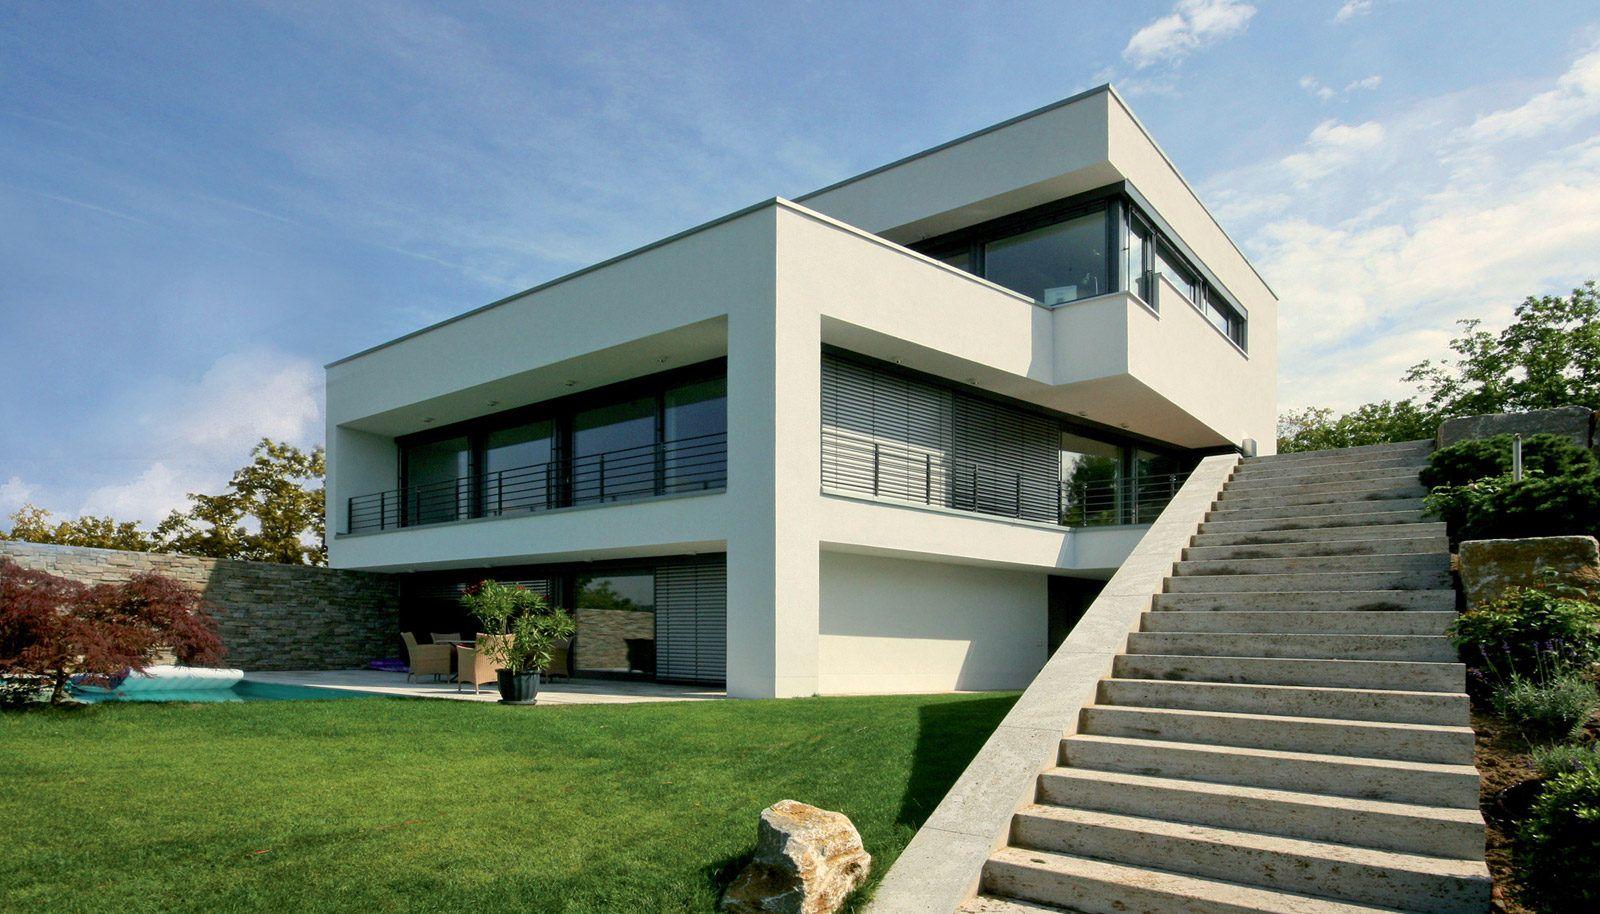 Architektenhaus am hang in wiesbaden bauen